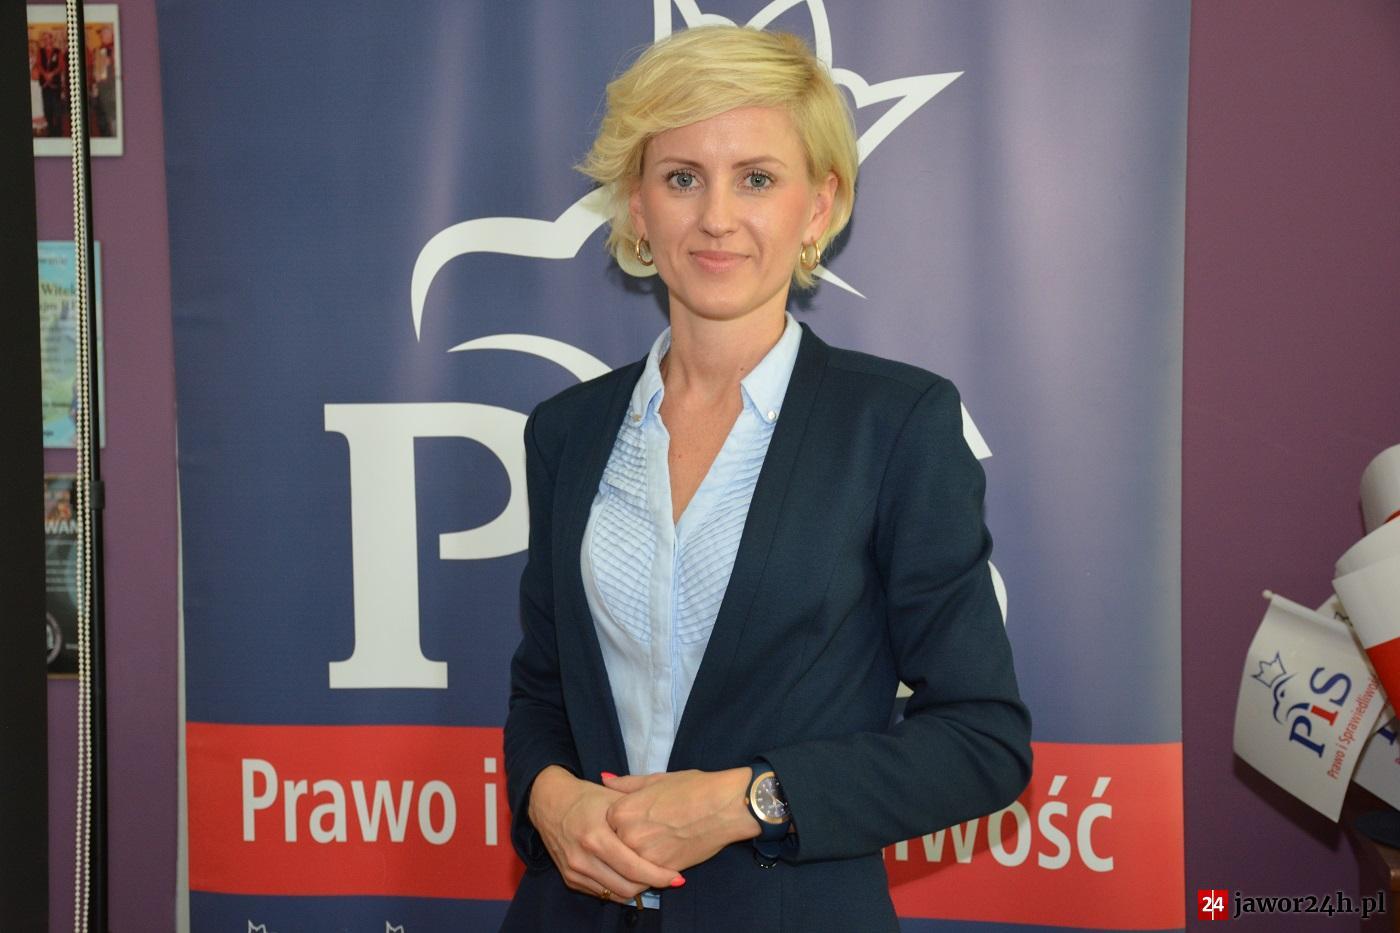 Aneta Kucharzyk: Czas, by decyzje burmistrza były przejrzyste